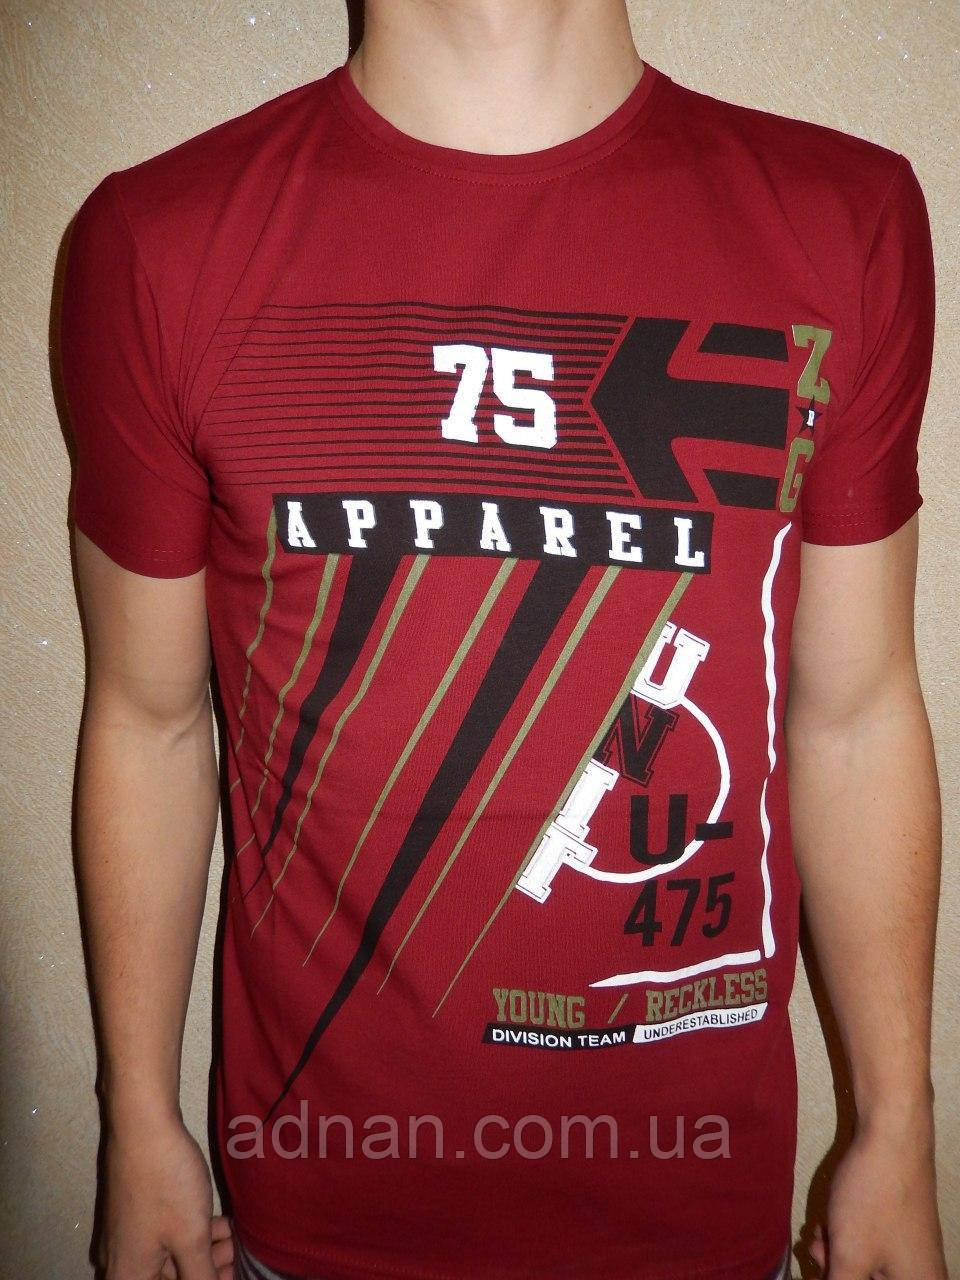 Футболка мужская RBS, накатка стрейч коттон APPAREL 005 \ купить футболку мужскую оптом